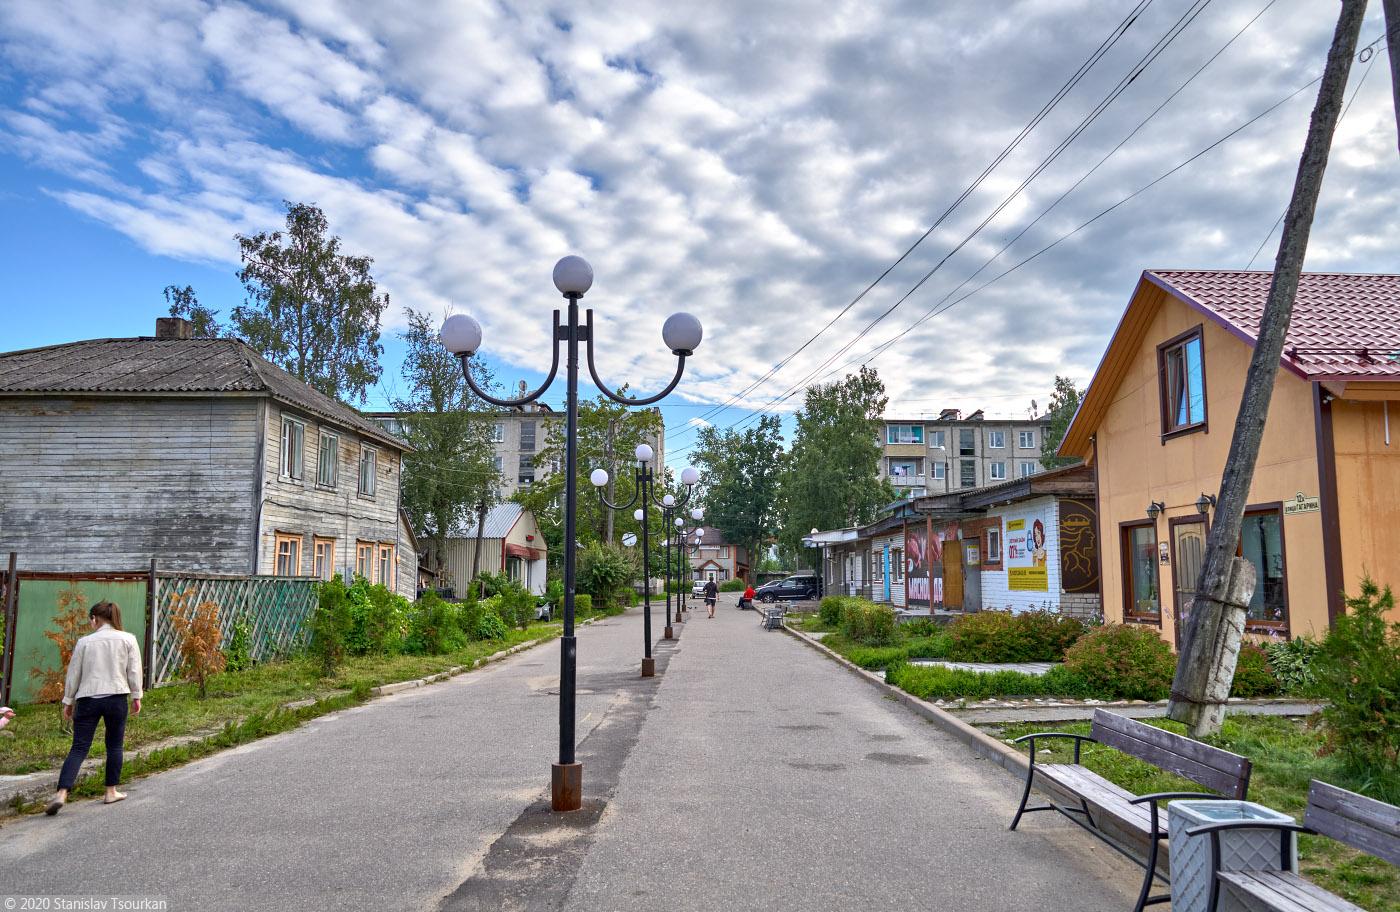 Лахденпохья, Карелия, республика Карелия, улица Гагарина